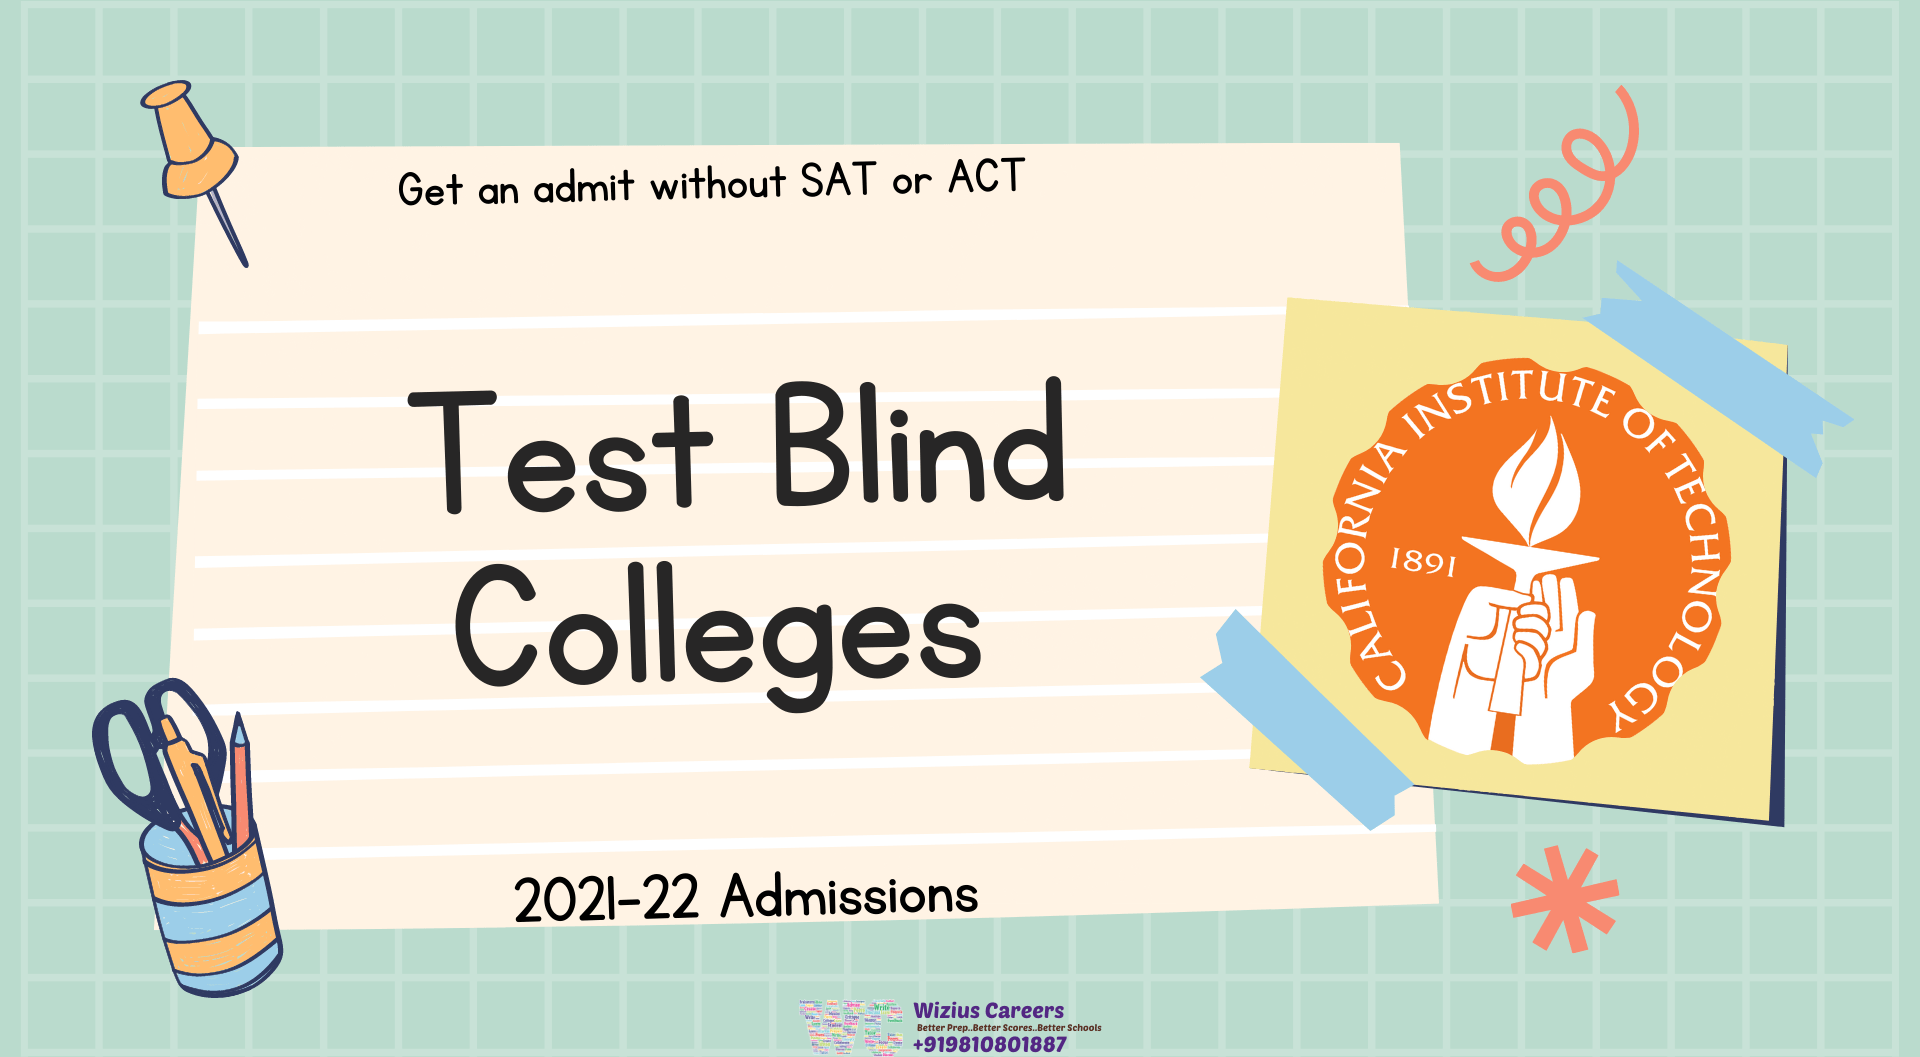 Test Blind Colleges